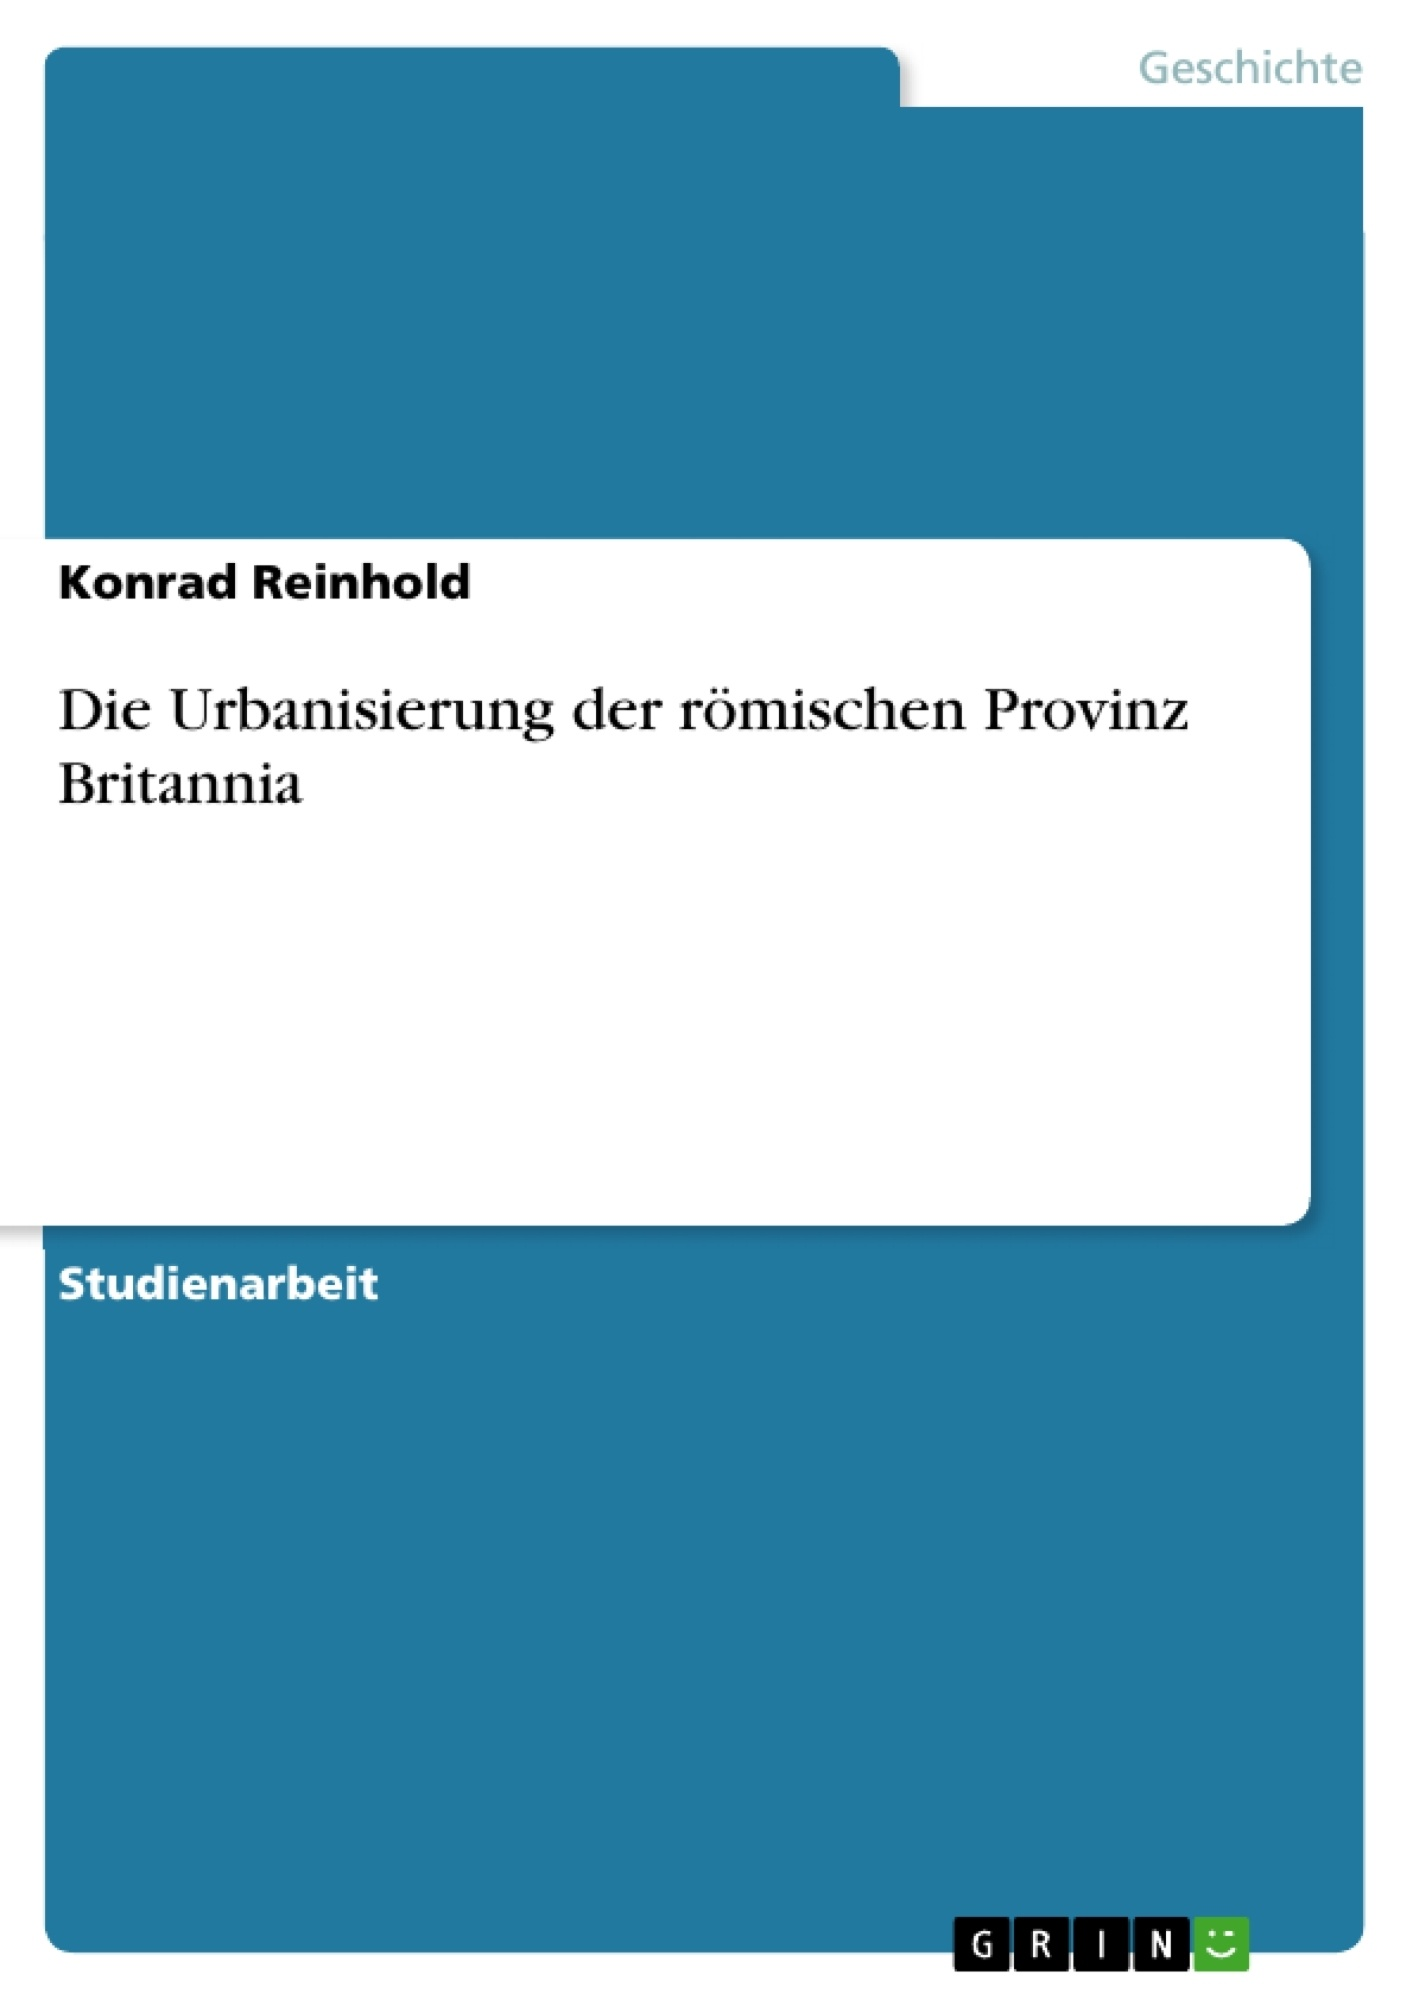 Titel: Die Urbanisierung der römischen Provinz Britannia